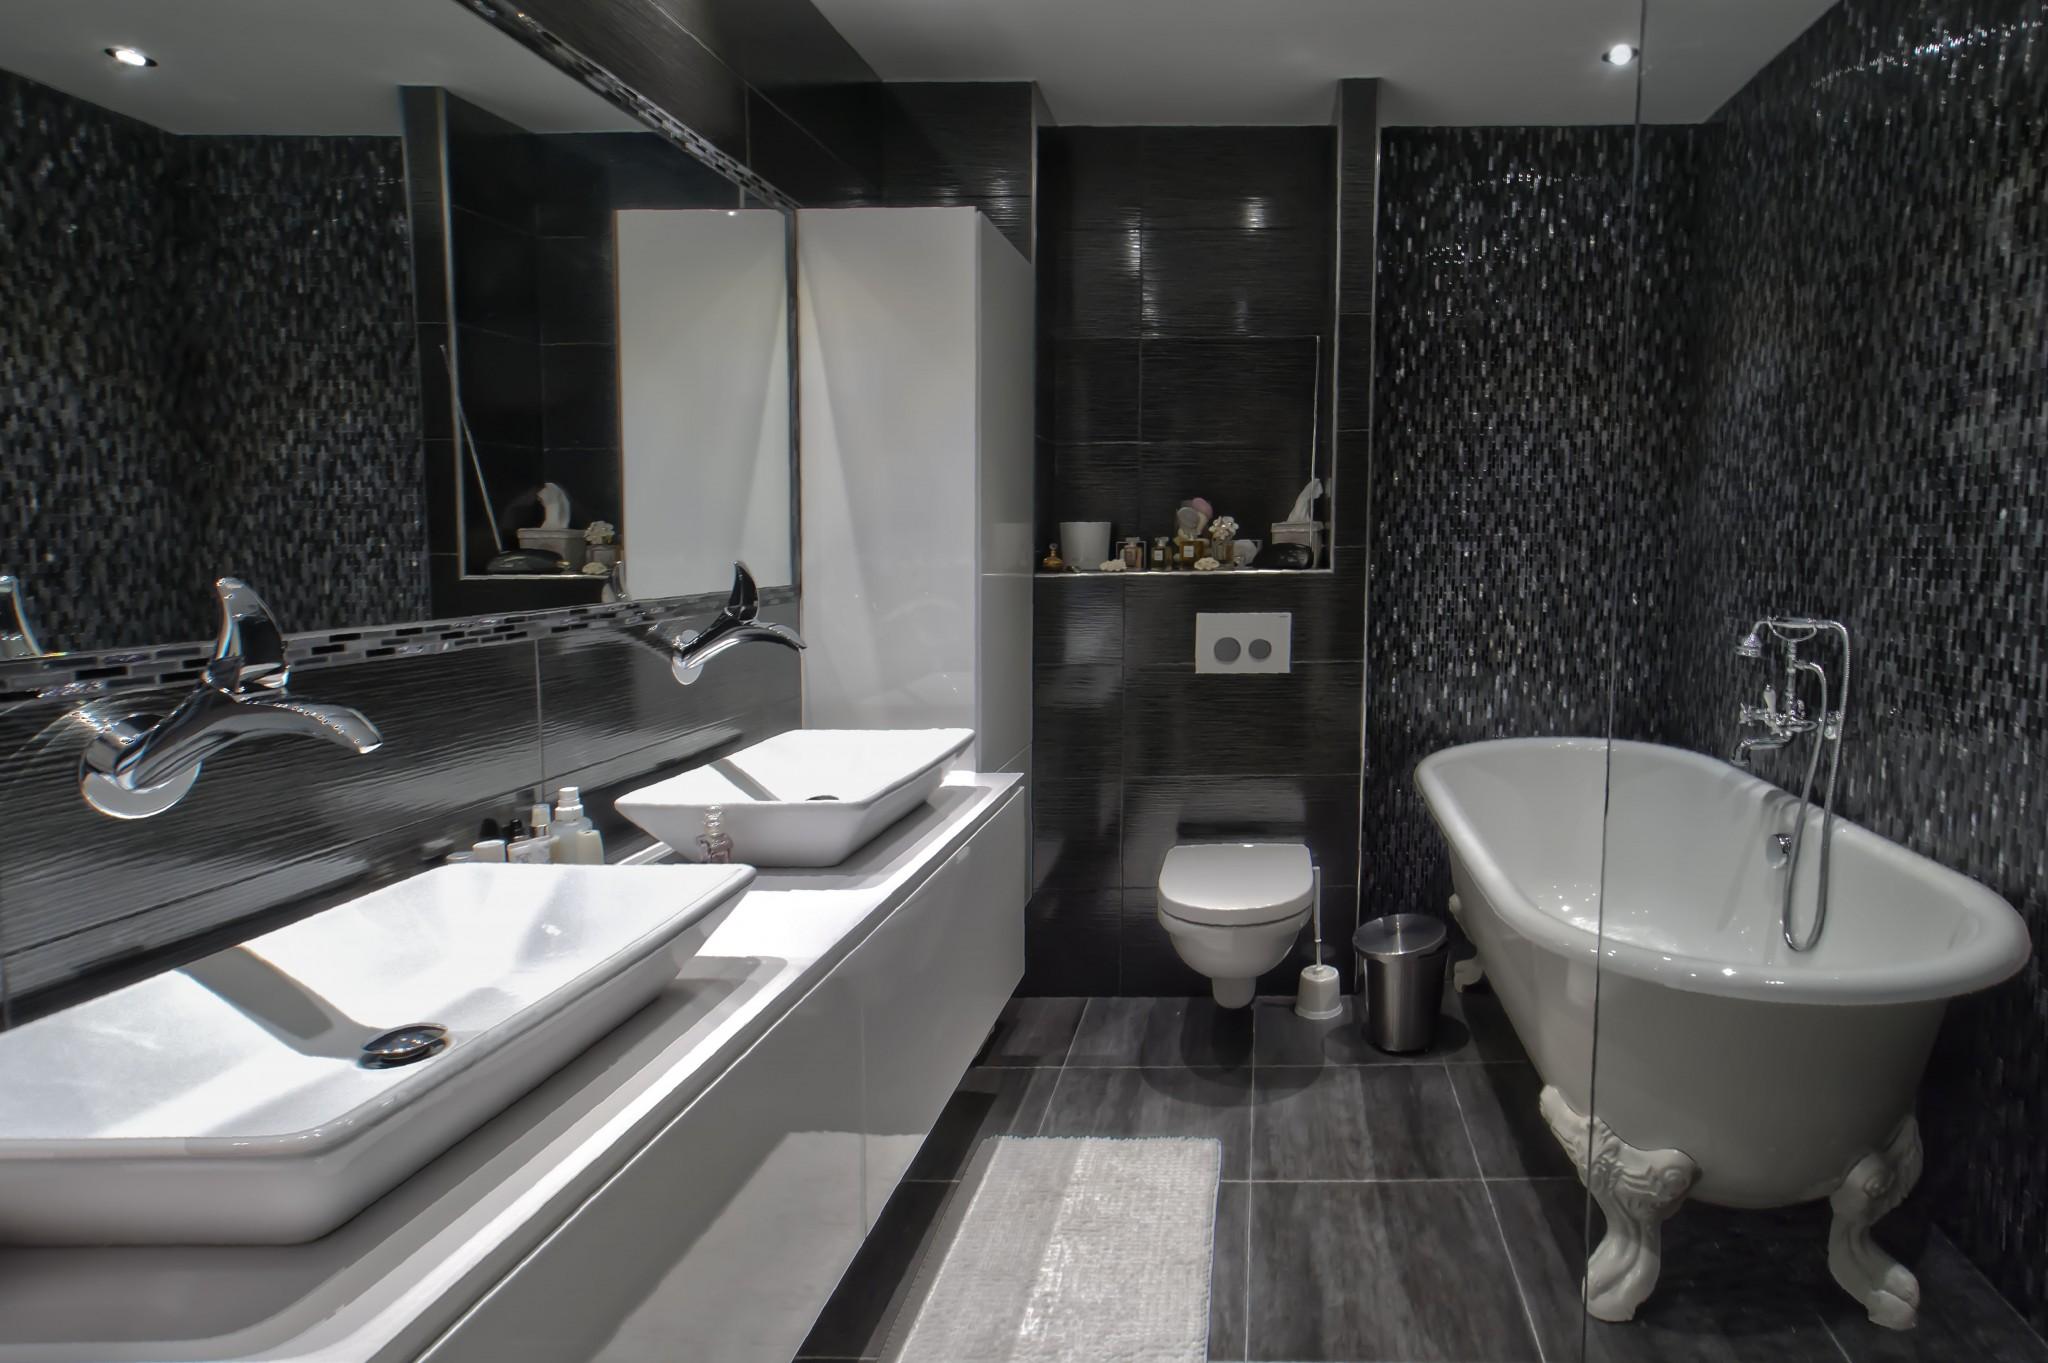 Salle de bains des maitres des ajustements l anglaise for Salle de bain style campagne anglaise